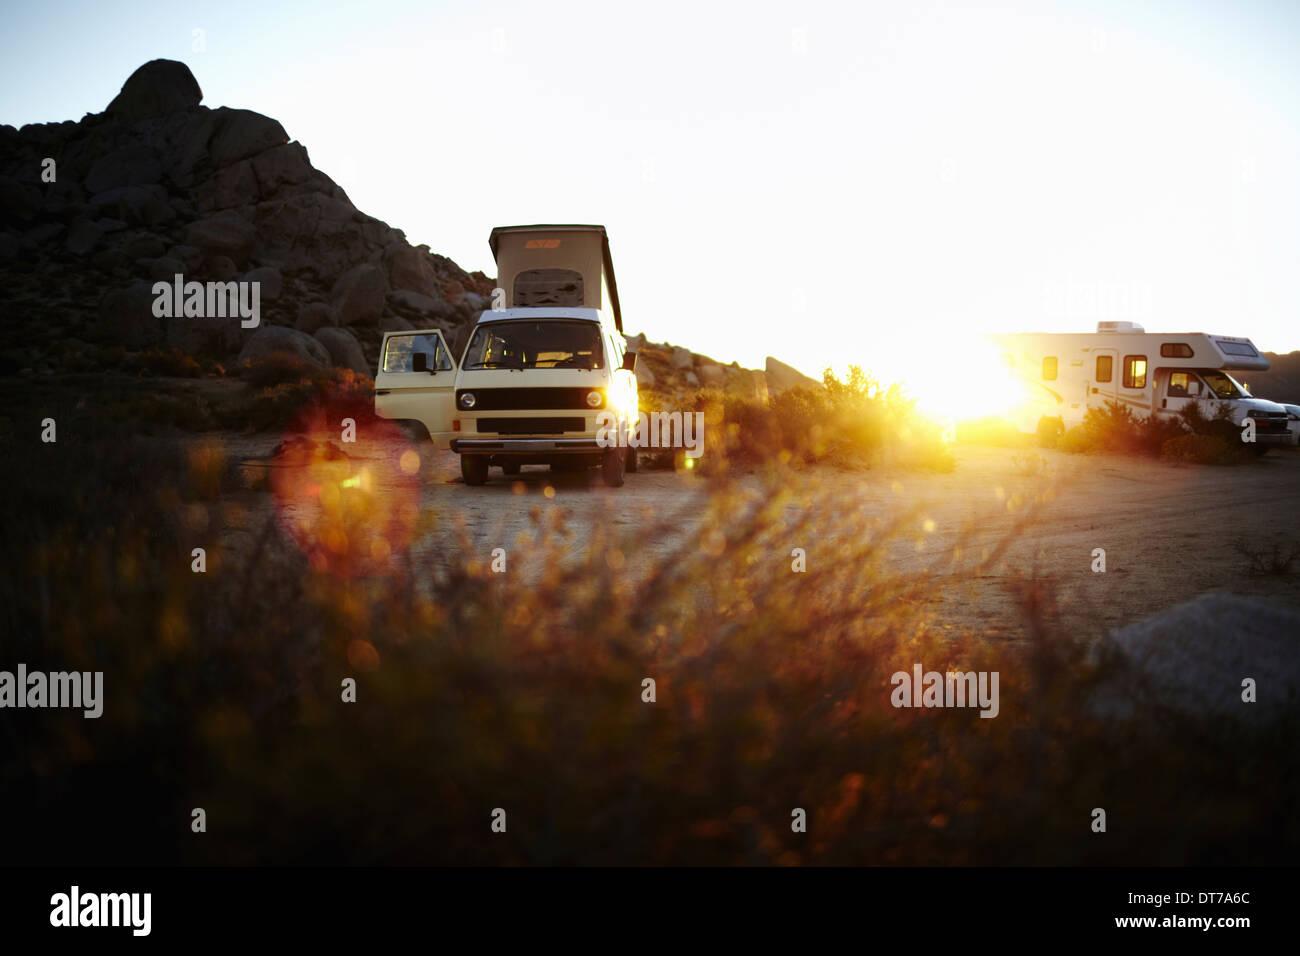 Eine Camper van, ein klassisches Design und ein iconic fahrenden Fahrzeug im Yosemite-Nationalpark bei Sonnenuntergang Stockbild